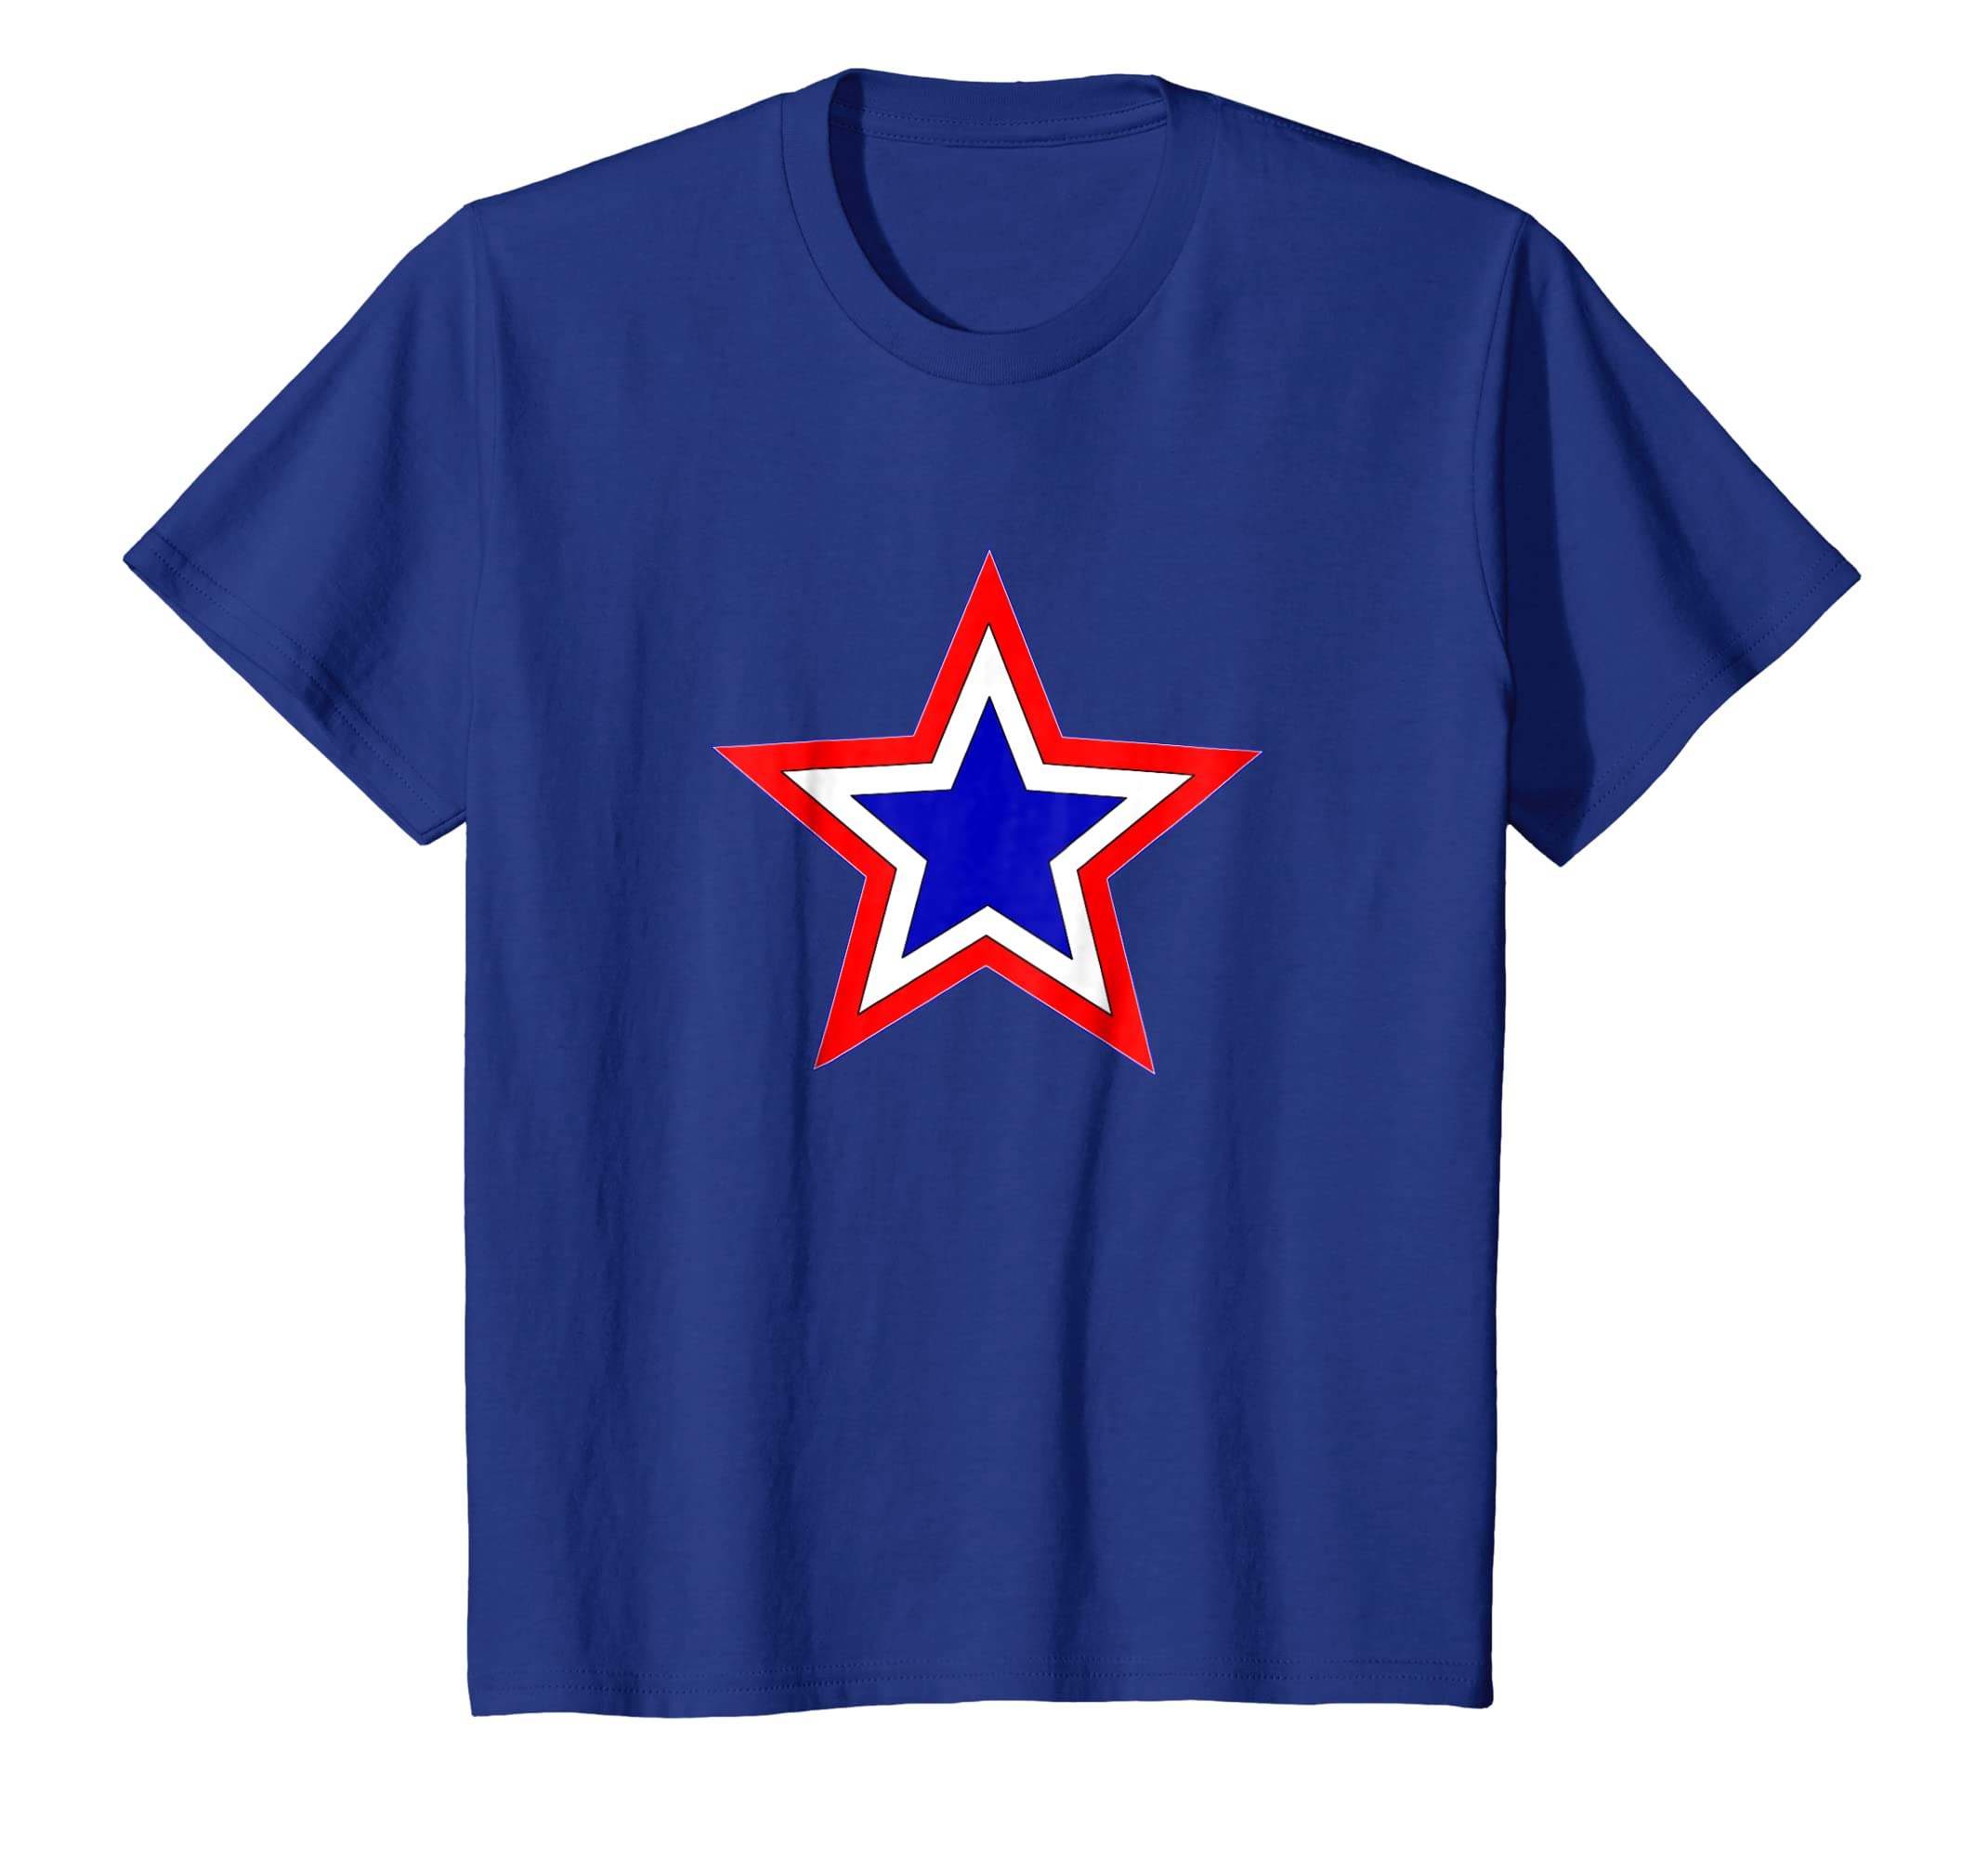 3e9849de4ff5 Amazon.com: Red White and Blue Stars T-shirt: Clothing